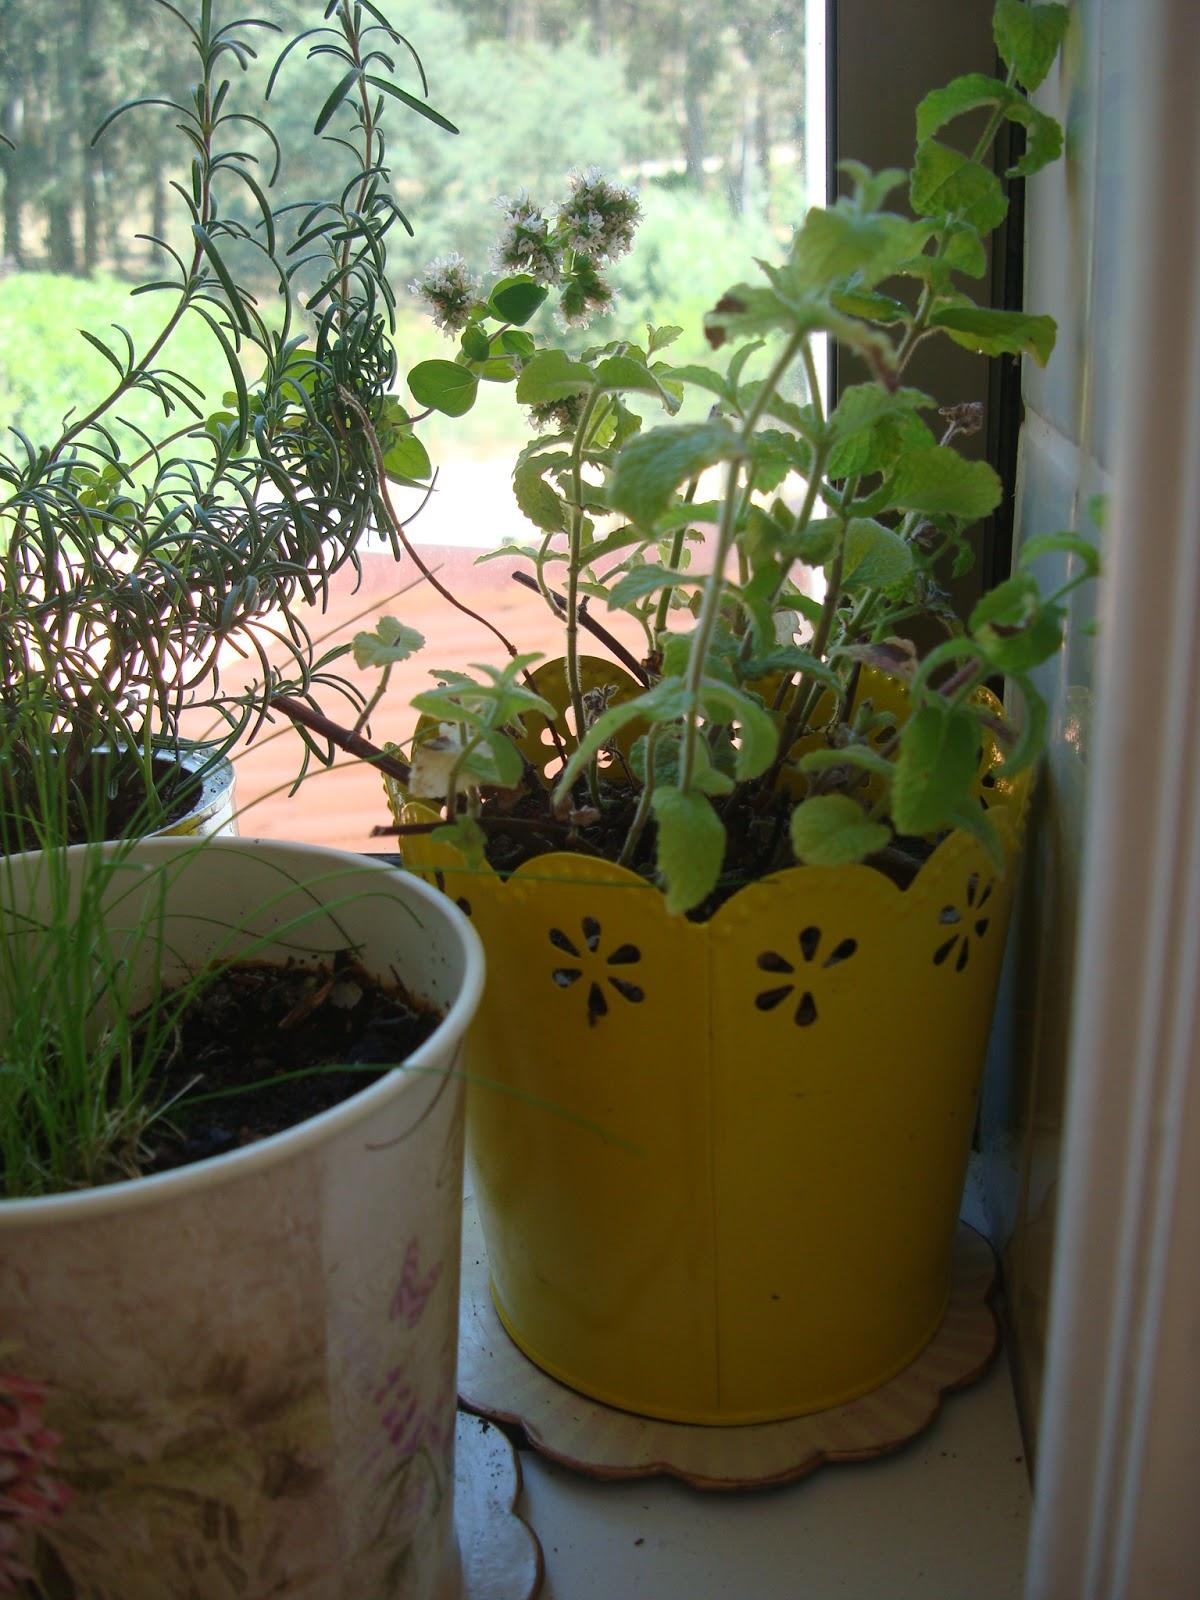 Plantas arom ticas para la cocina decorar tu casa es - Plantas aromaticas en la cocina ...